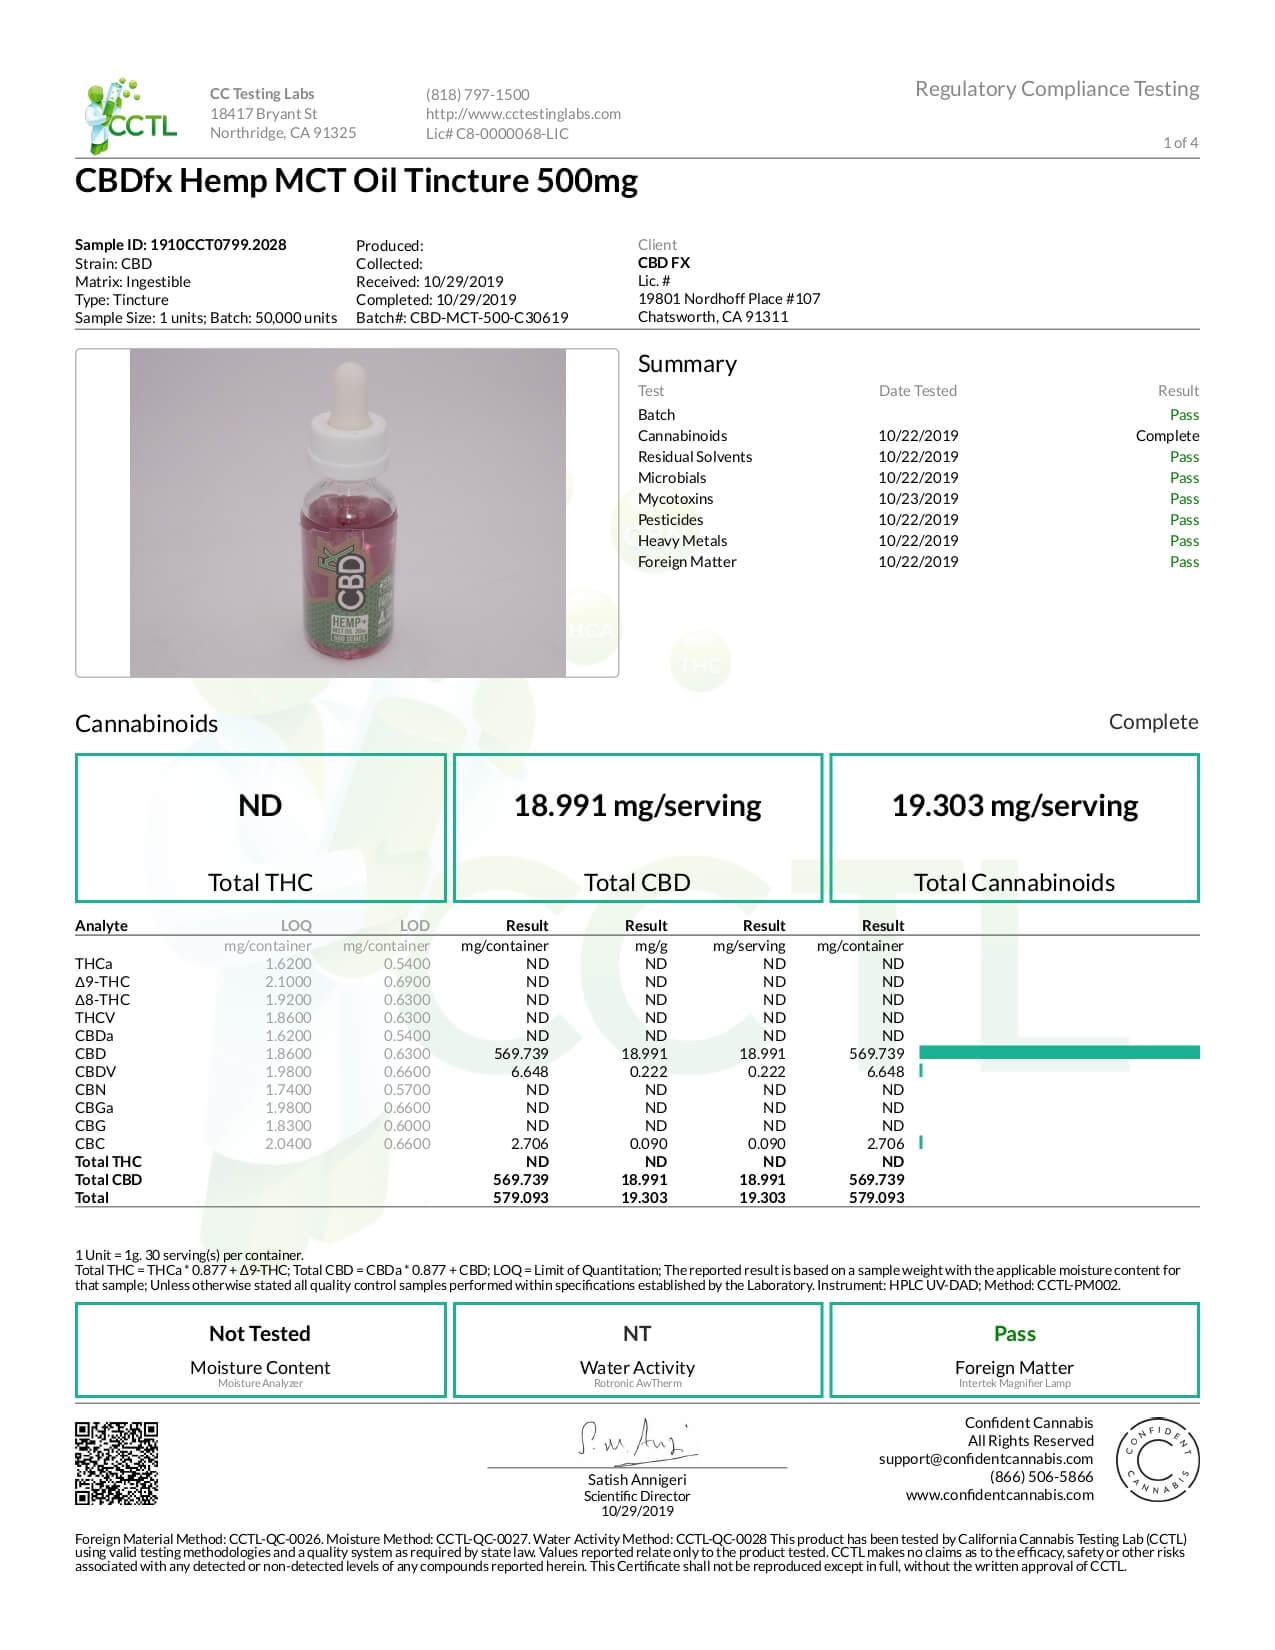 CBDfx CBD Tincture Oil Lab Report Full Spectrum 500mg